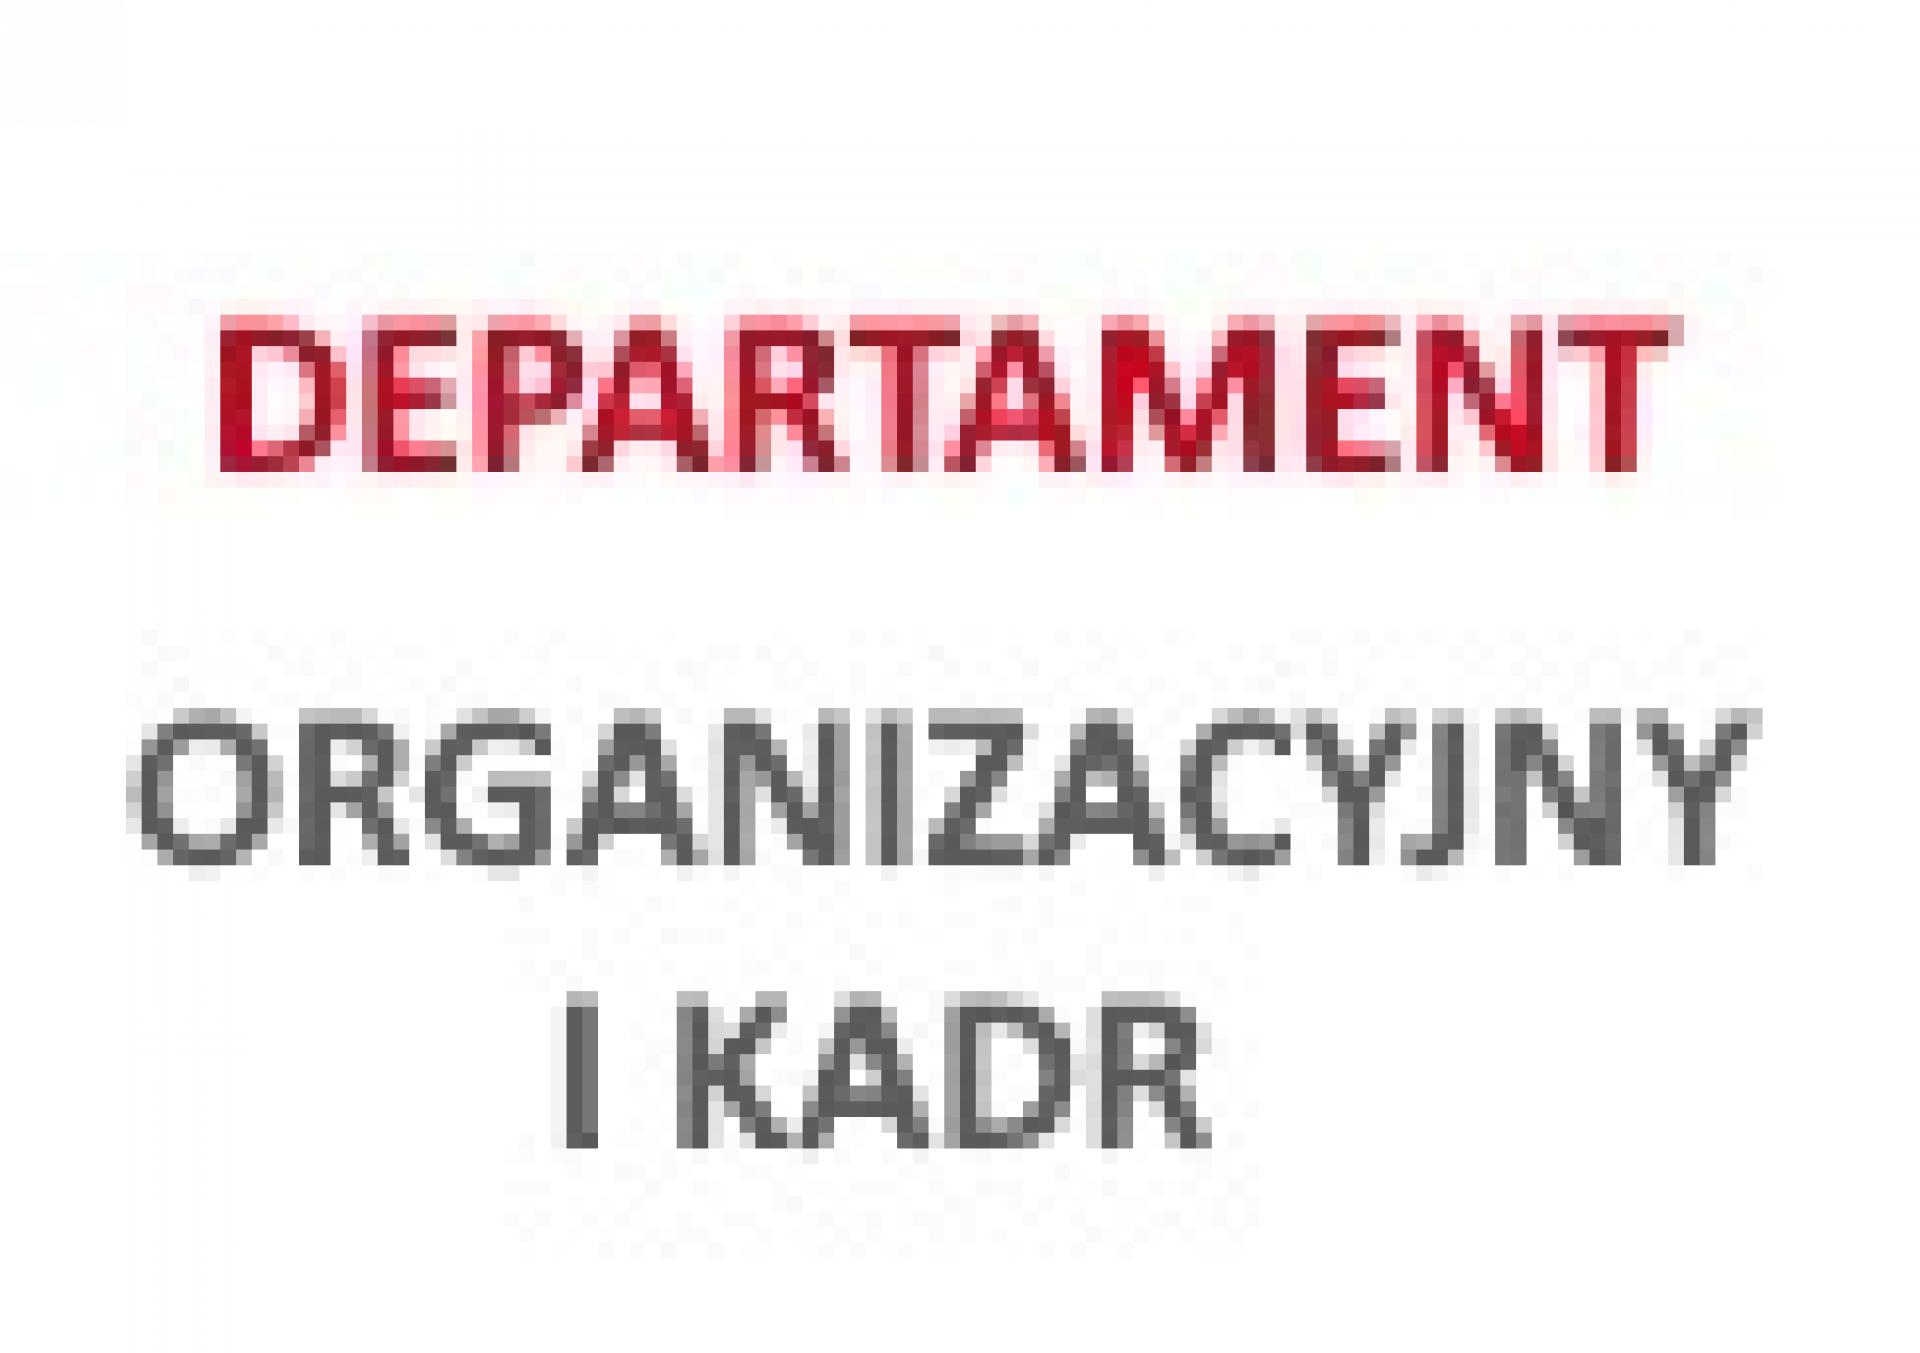 Informacja w sprawie przeprowadzenia konsultacji projektu Programu współpracy Samorządu Województwa Wielkopolskiego z organizacjami pozarządowymi oraz innymi podmiotami prowadzącymi działalność pożytku publicznego na rok 2021 - zobacz więcej